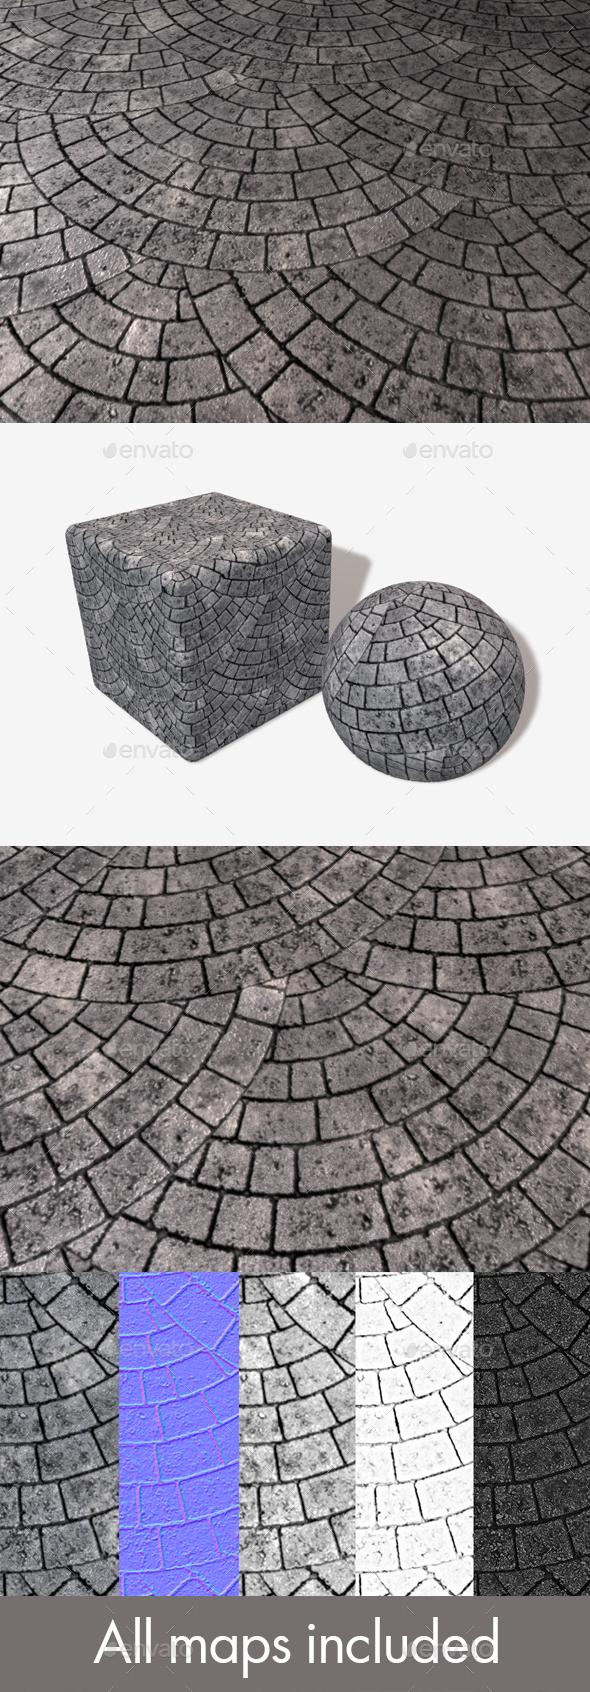 3DOcean Circular Grey Brick Paving Seamless Texture 17561017